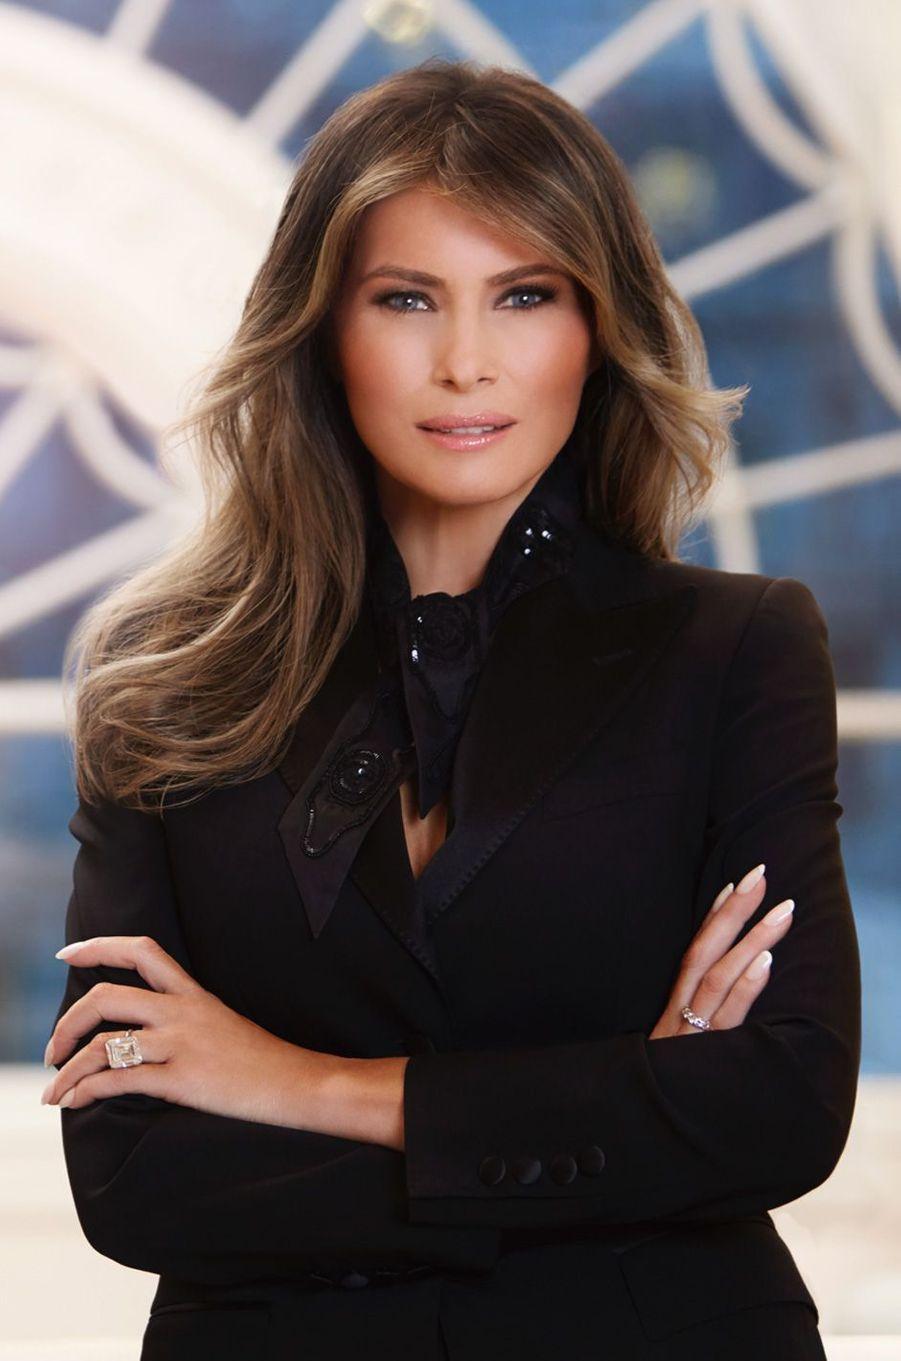 Le premier portrait officiel de Melania Trump, diffusé le 3 avril 2017 par la Maison Blanche.